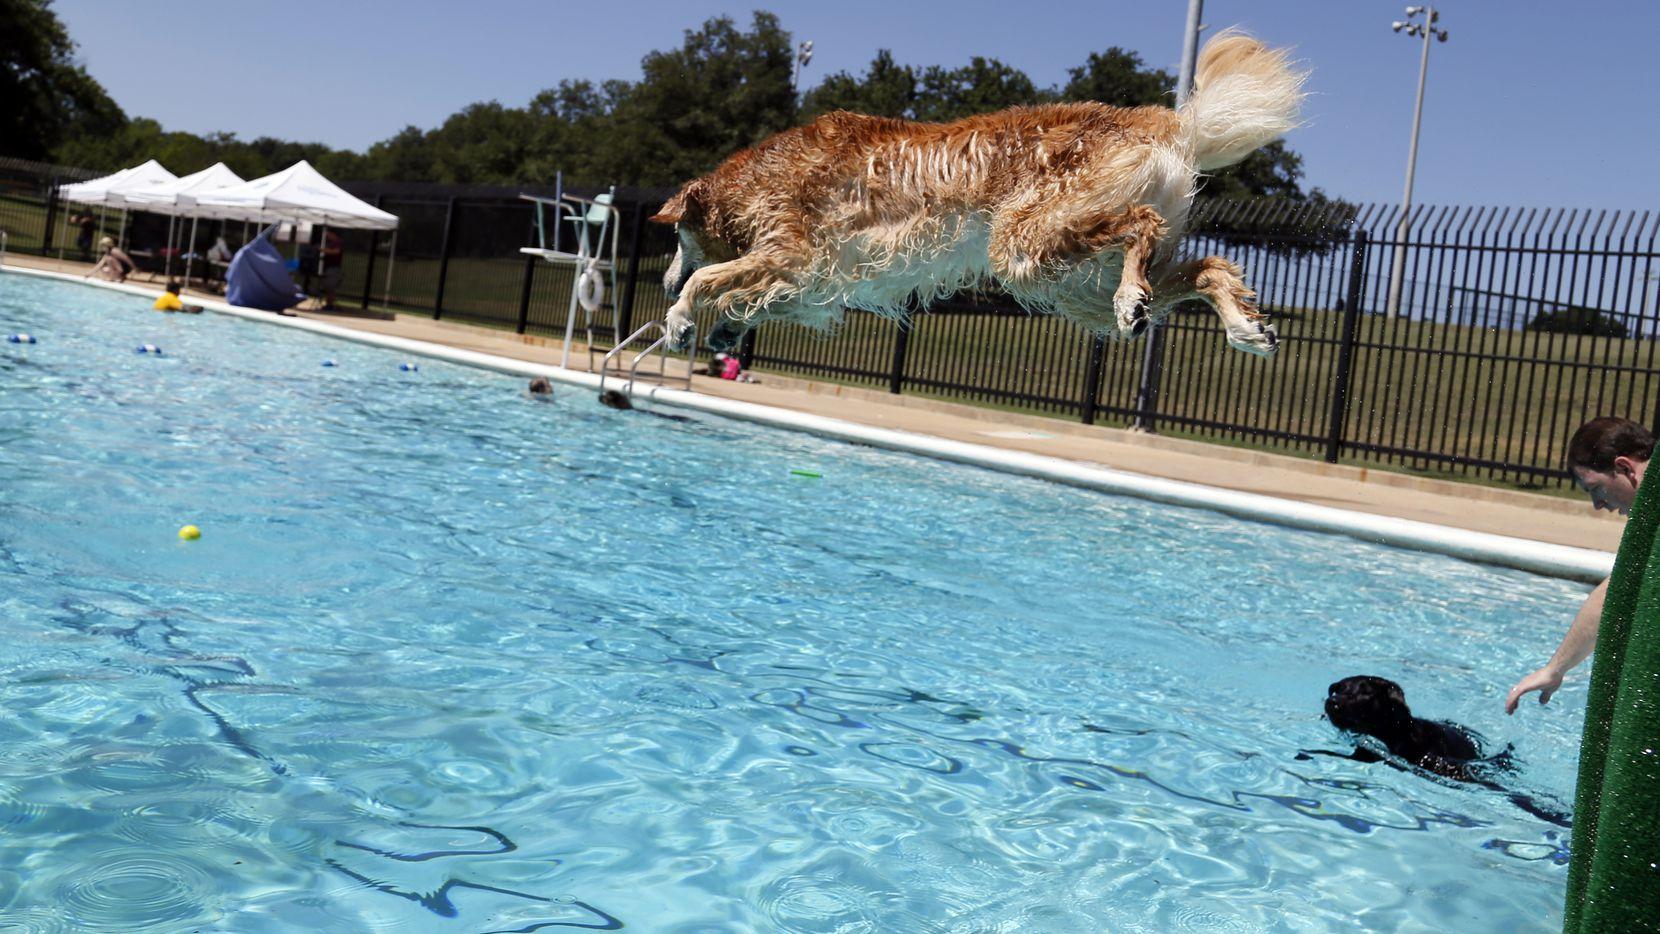 Los perros tiene una oportunidad de disfrutar el fin del verano en Dog Days of Denton este fin de semana.